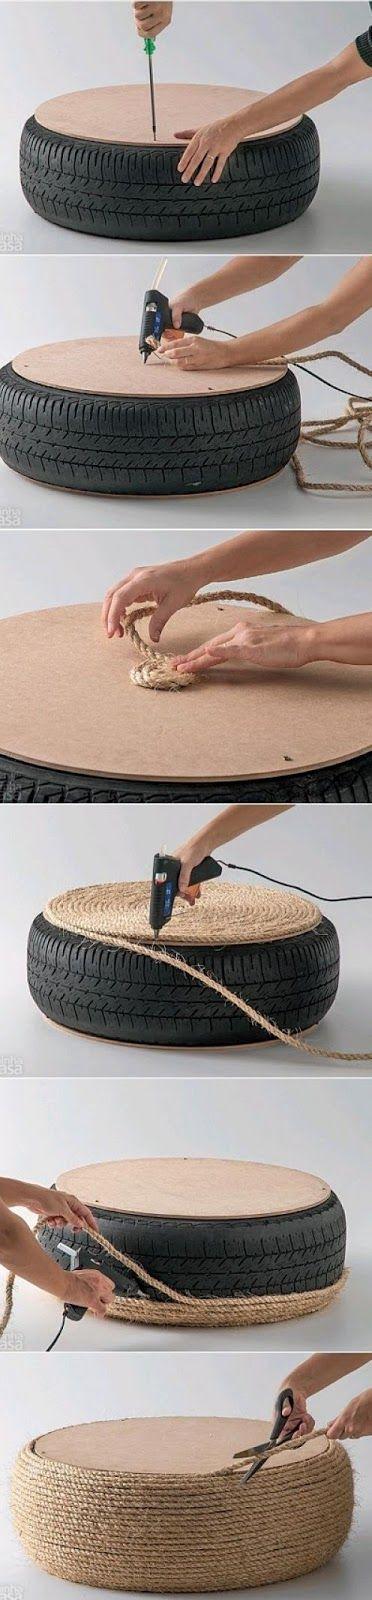 Un  pneu à recycler ? transformez le en pouf design ! Une peu de corde, de la colle et de la patience,   c'est tout ce qu'il vous fau...